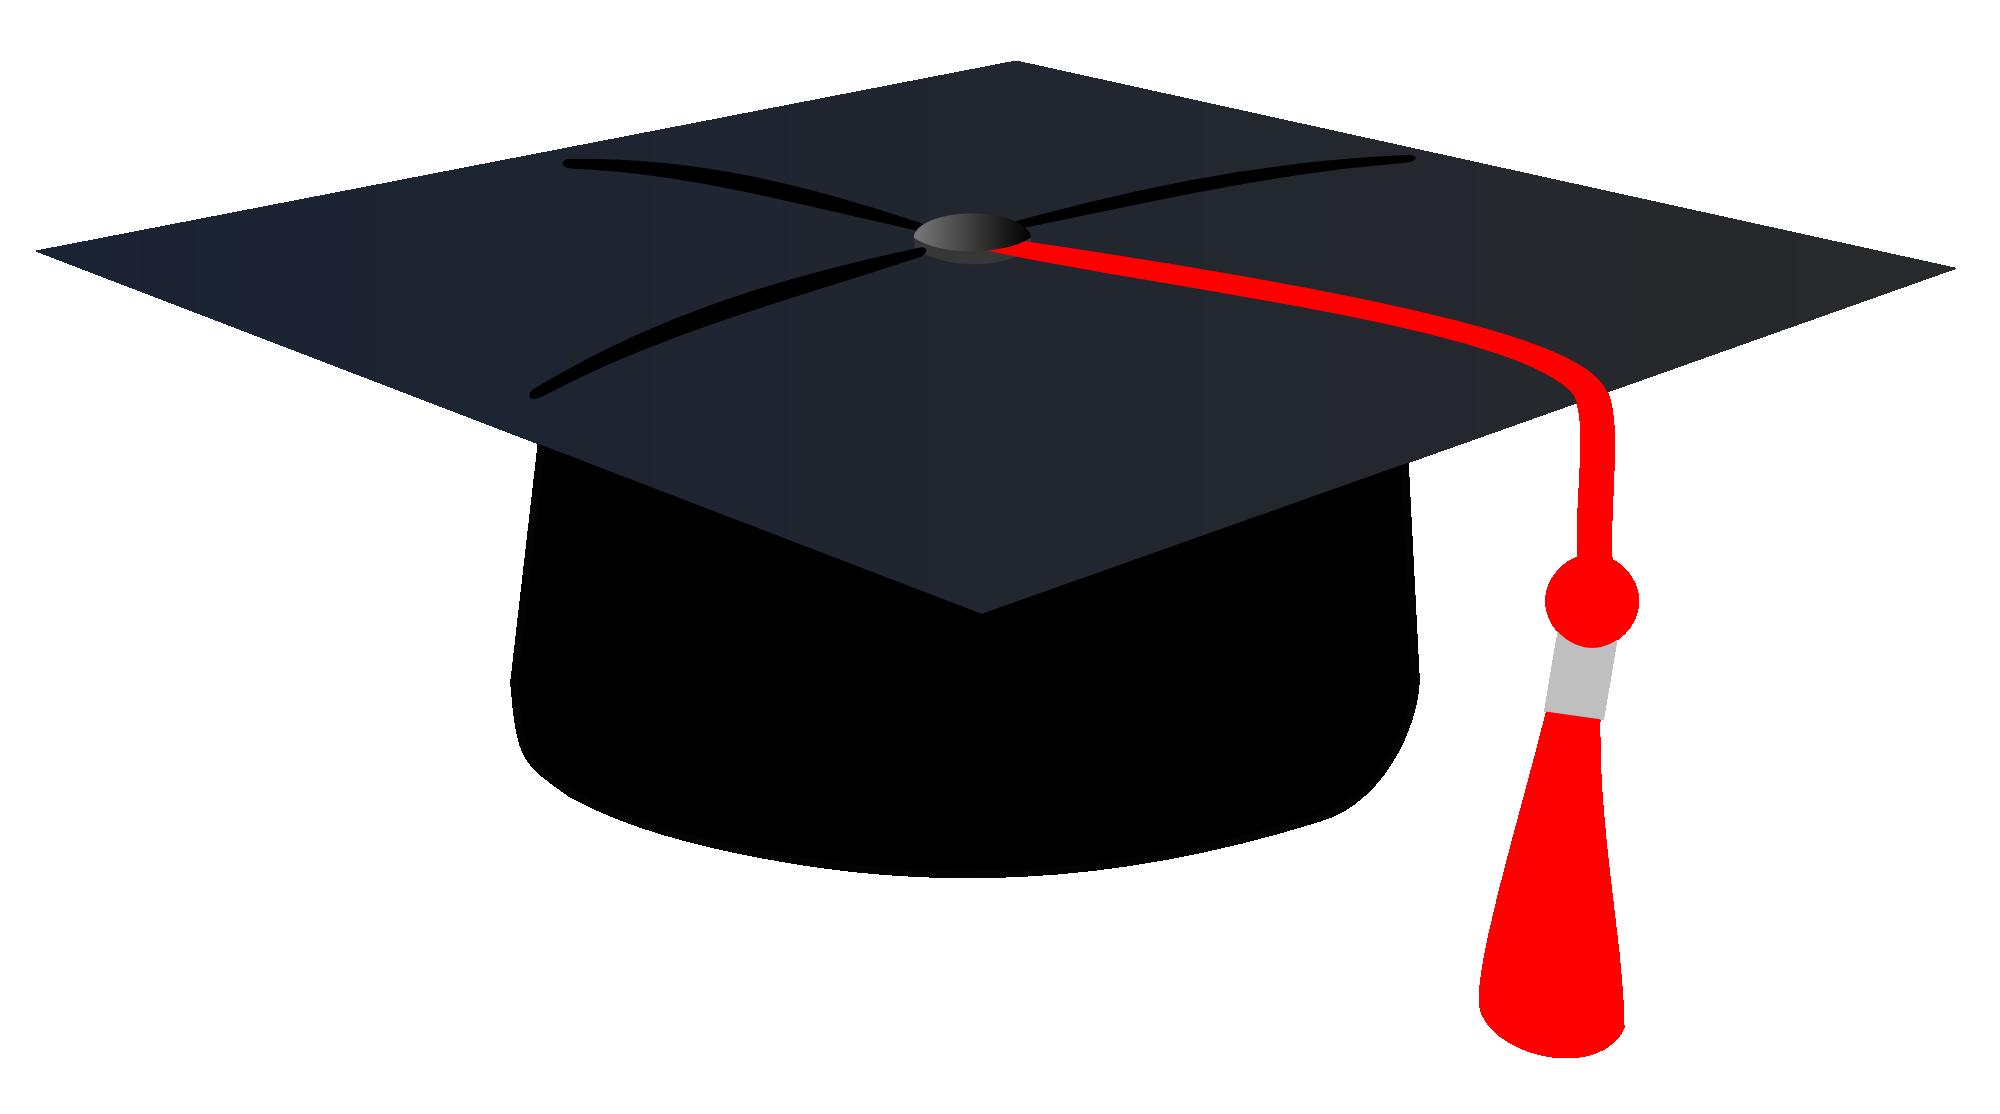 Graduation cap. Clipart png image purepng